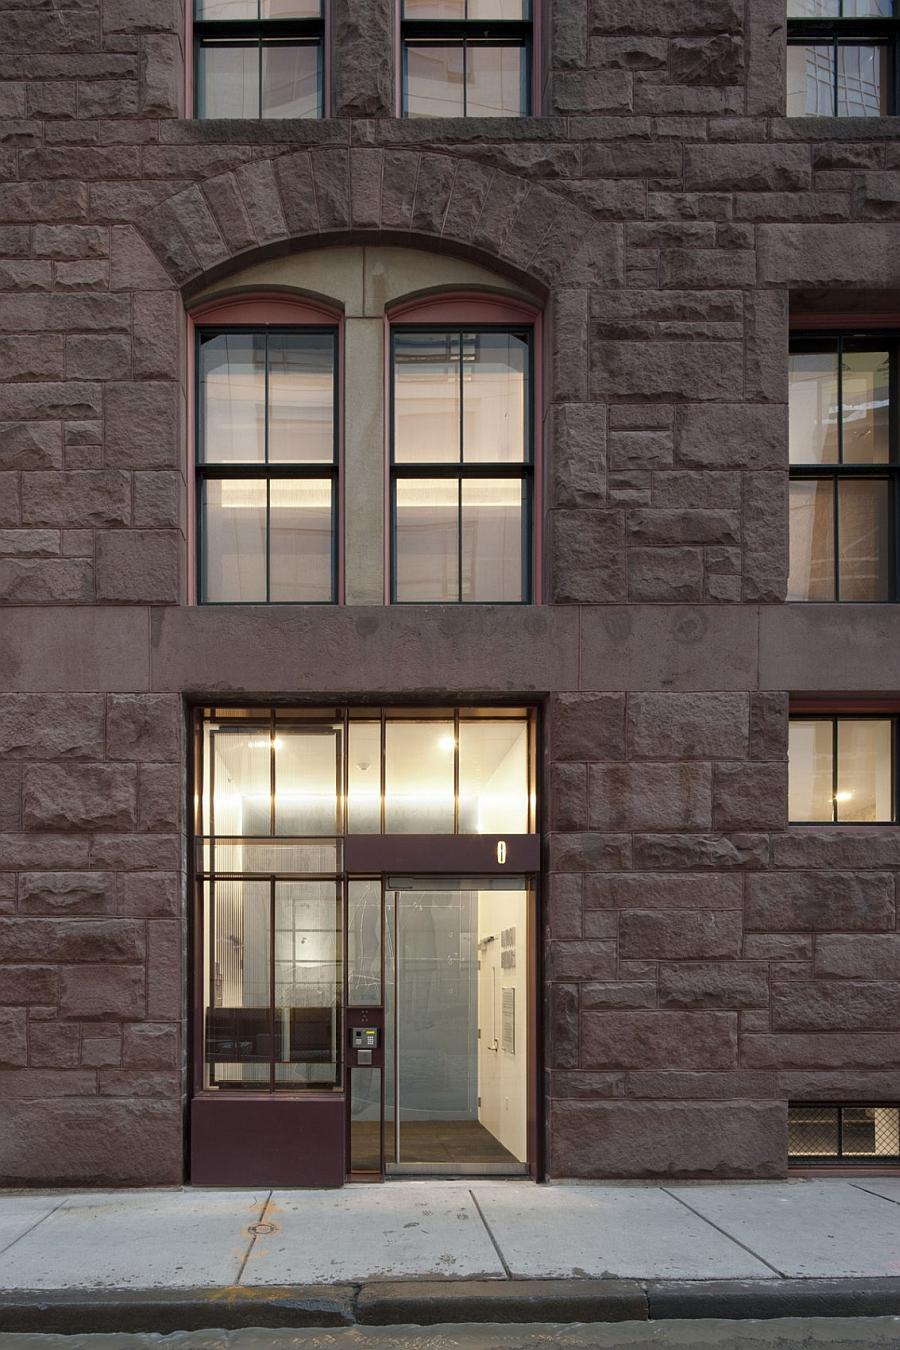 Hayden Building in Boston, Massachusetts